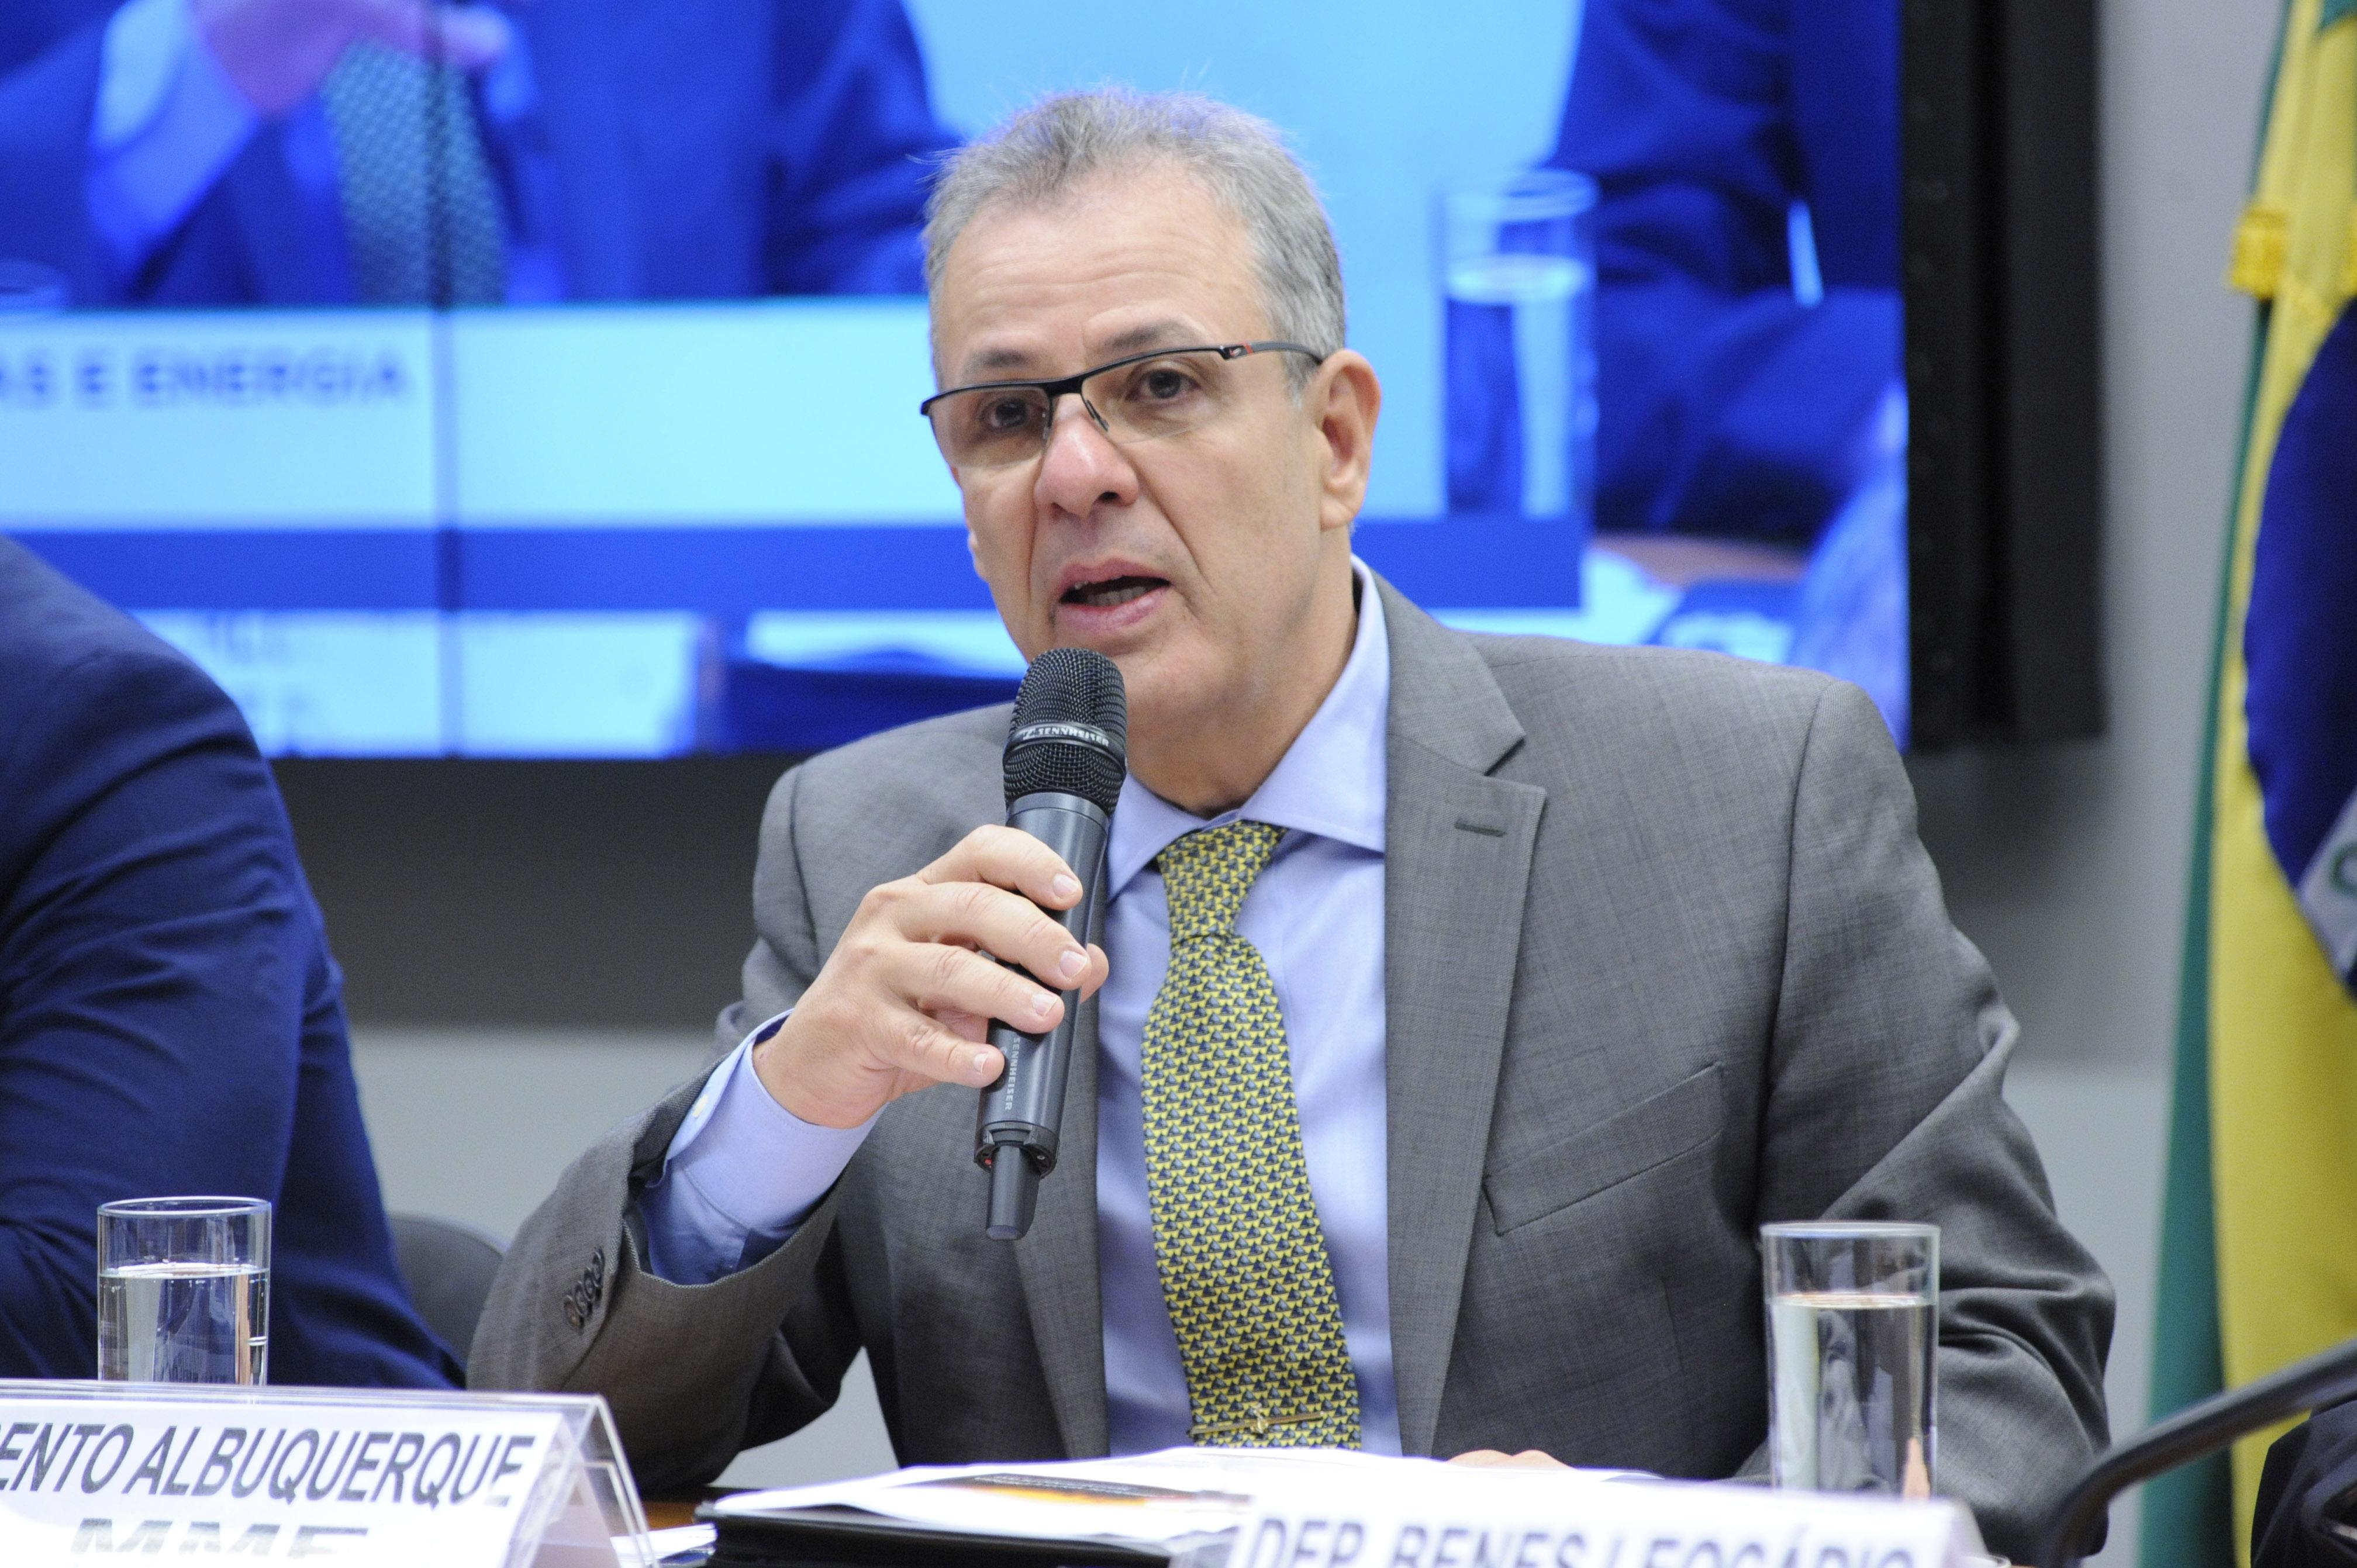 Reunião ordinária para discussão do modelo idealizado para o Novo Mercado de Gás. Ministro de Minas e Energia, Bento Albuquerque